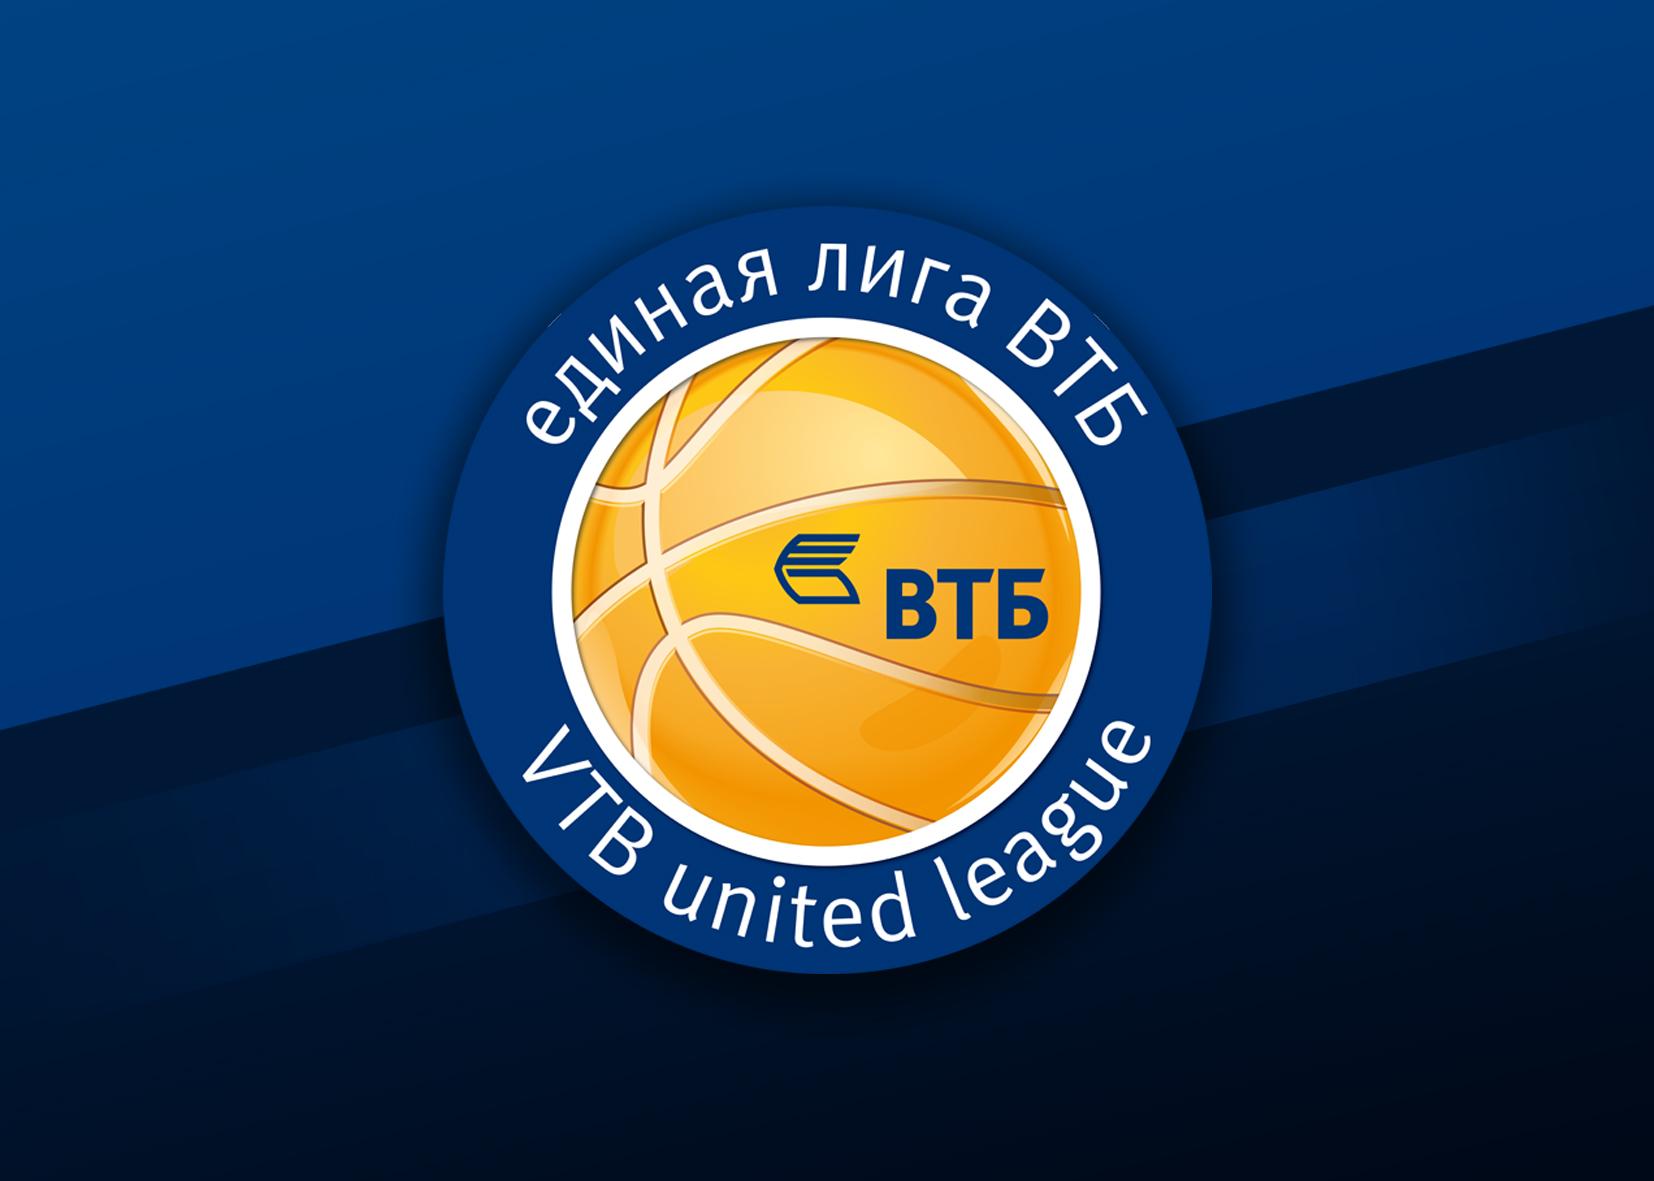 Решение директората по матчу «Локомотив-Кубань» — «Нижний Новгород»